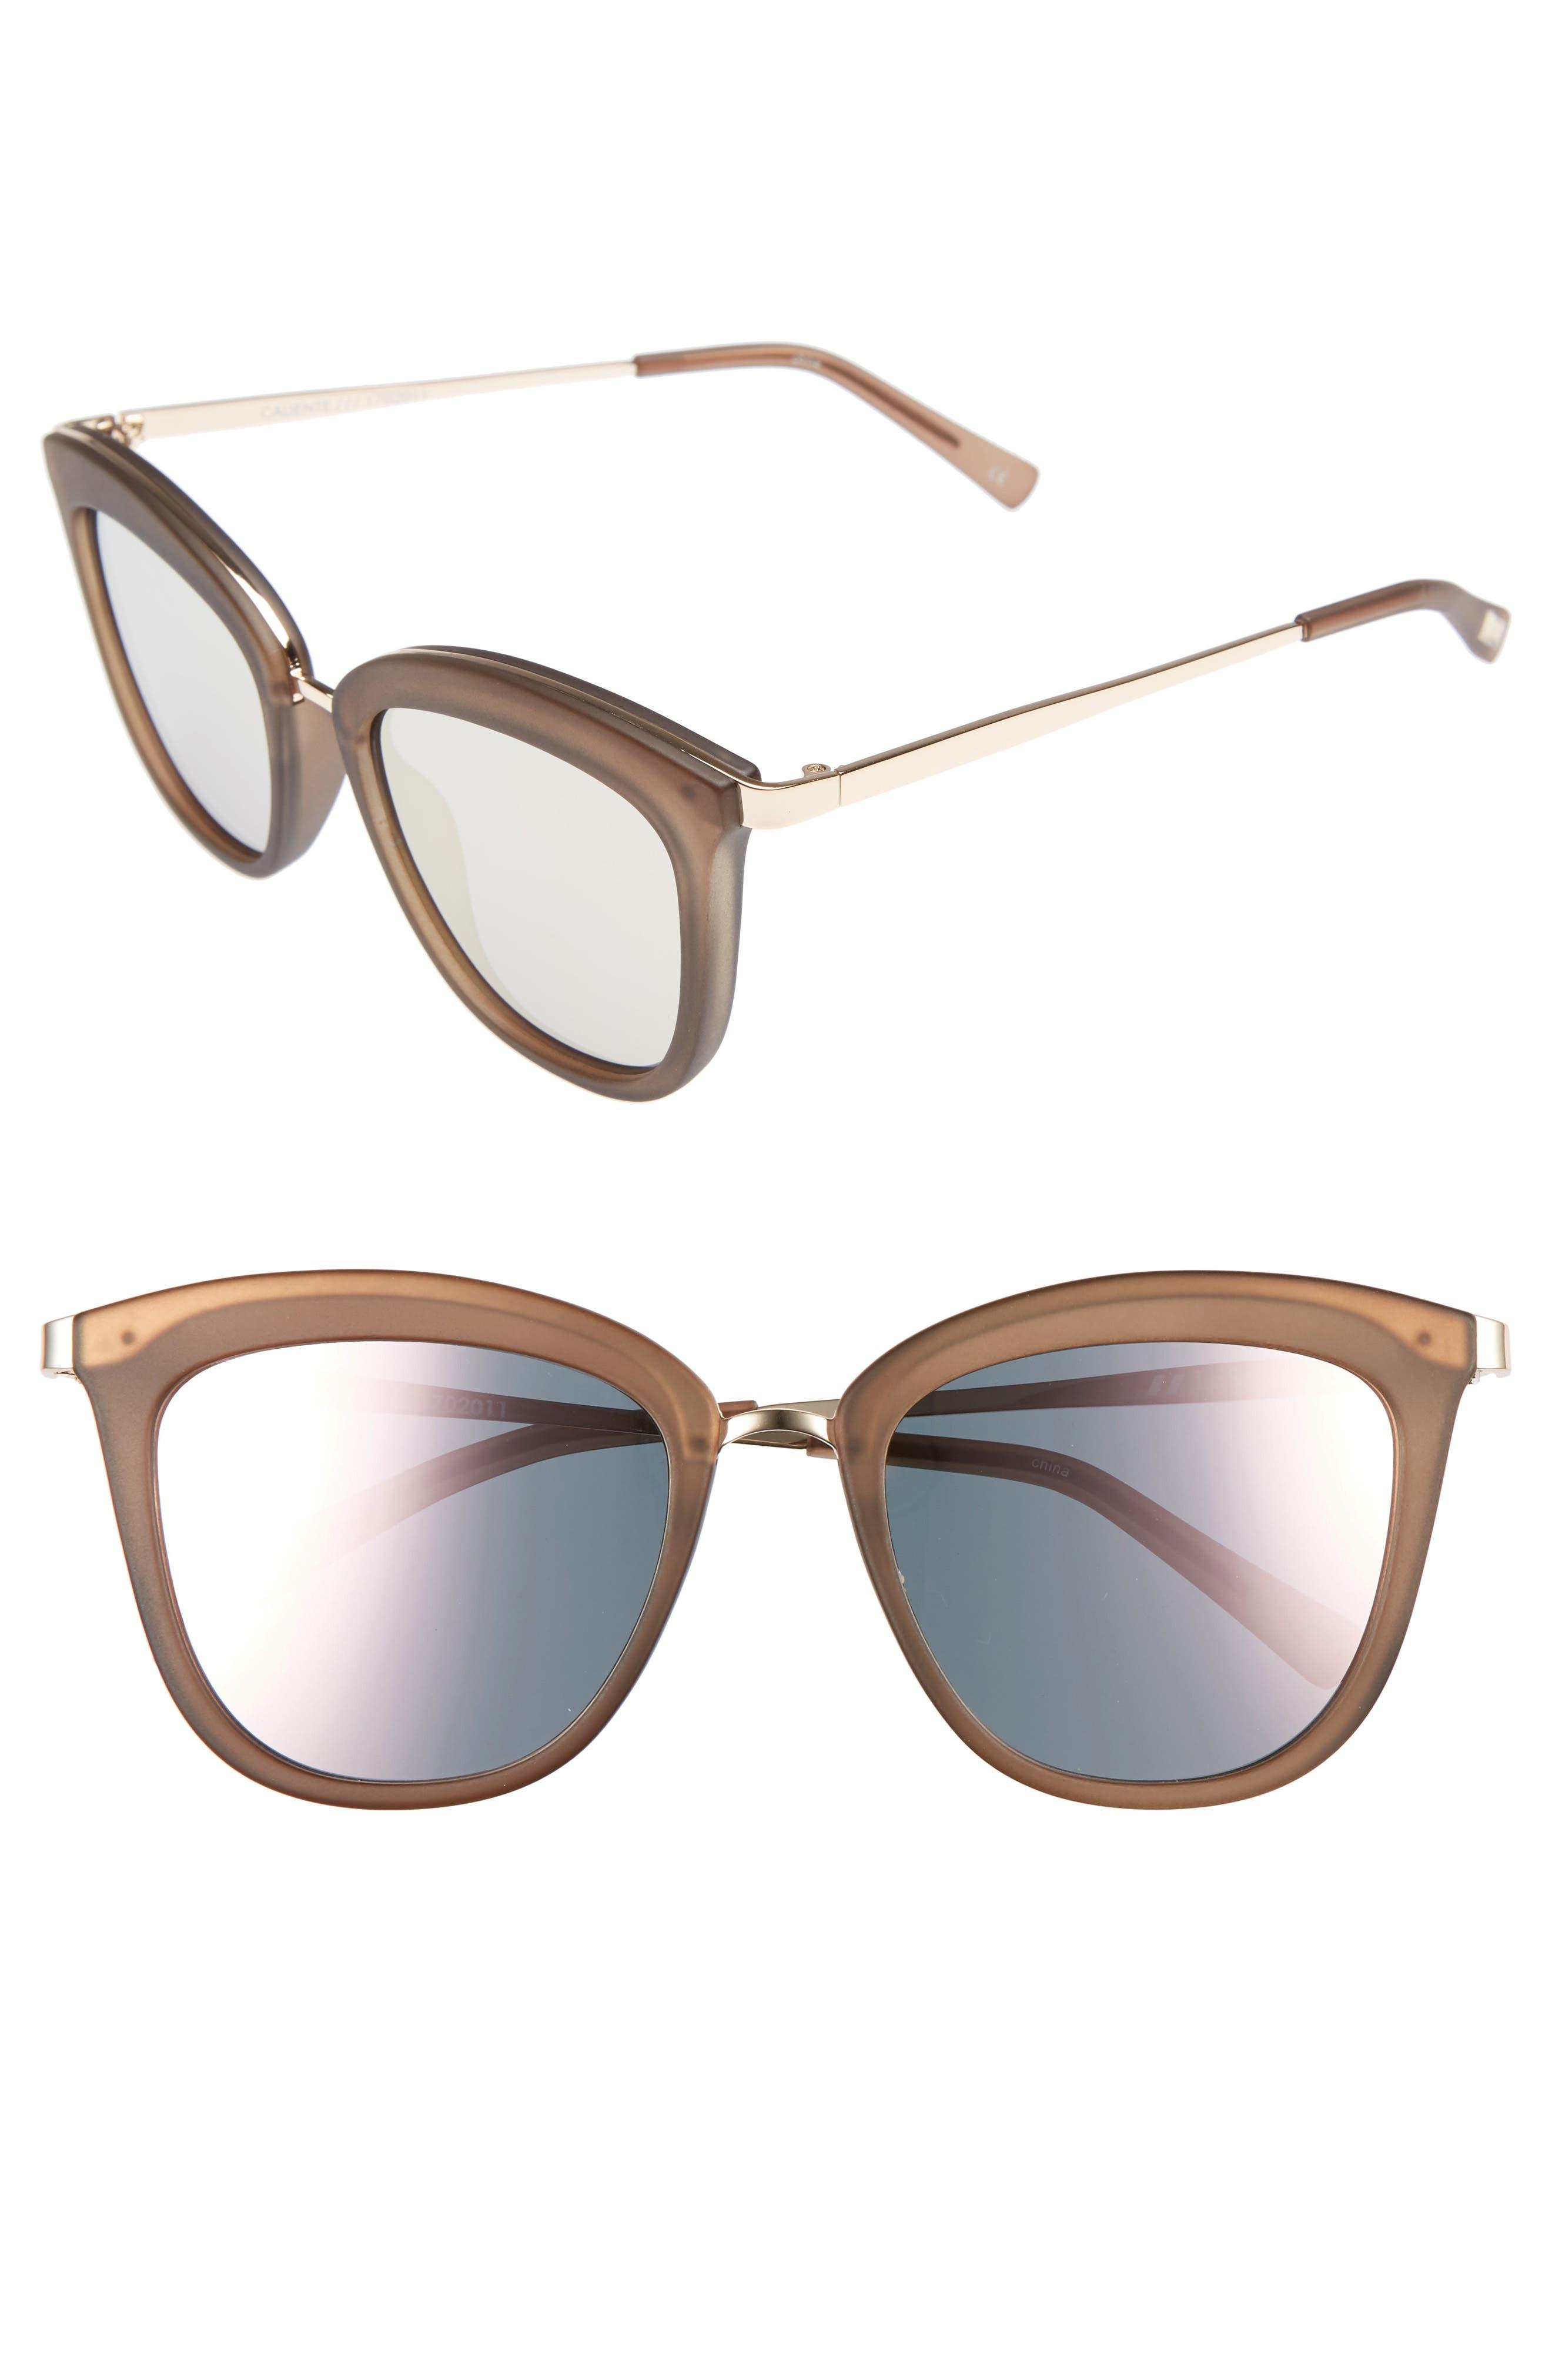 Le Specs Caliente 53mm Cat Eye Sunglasses